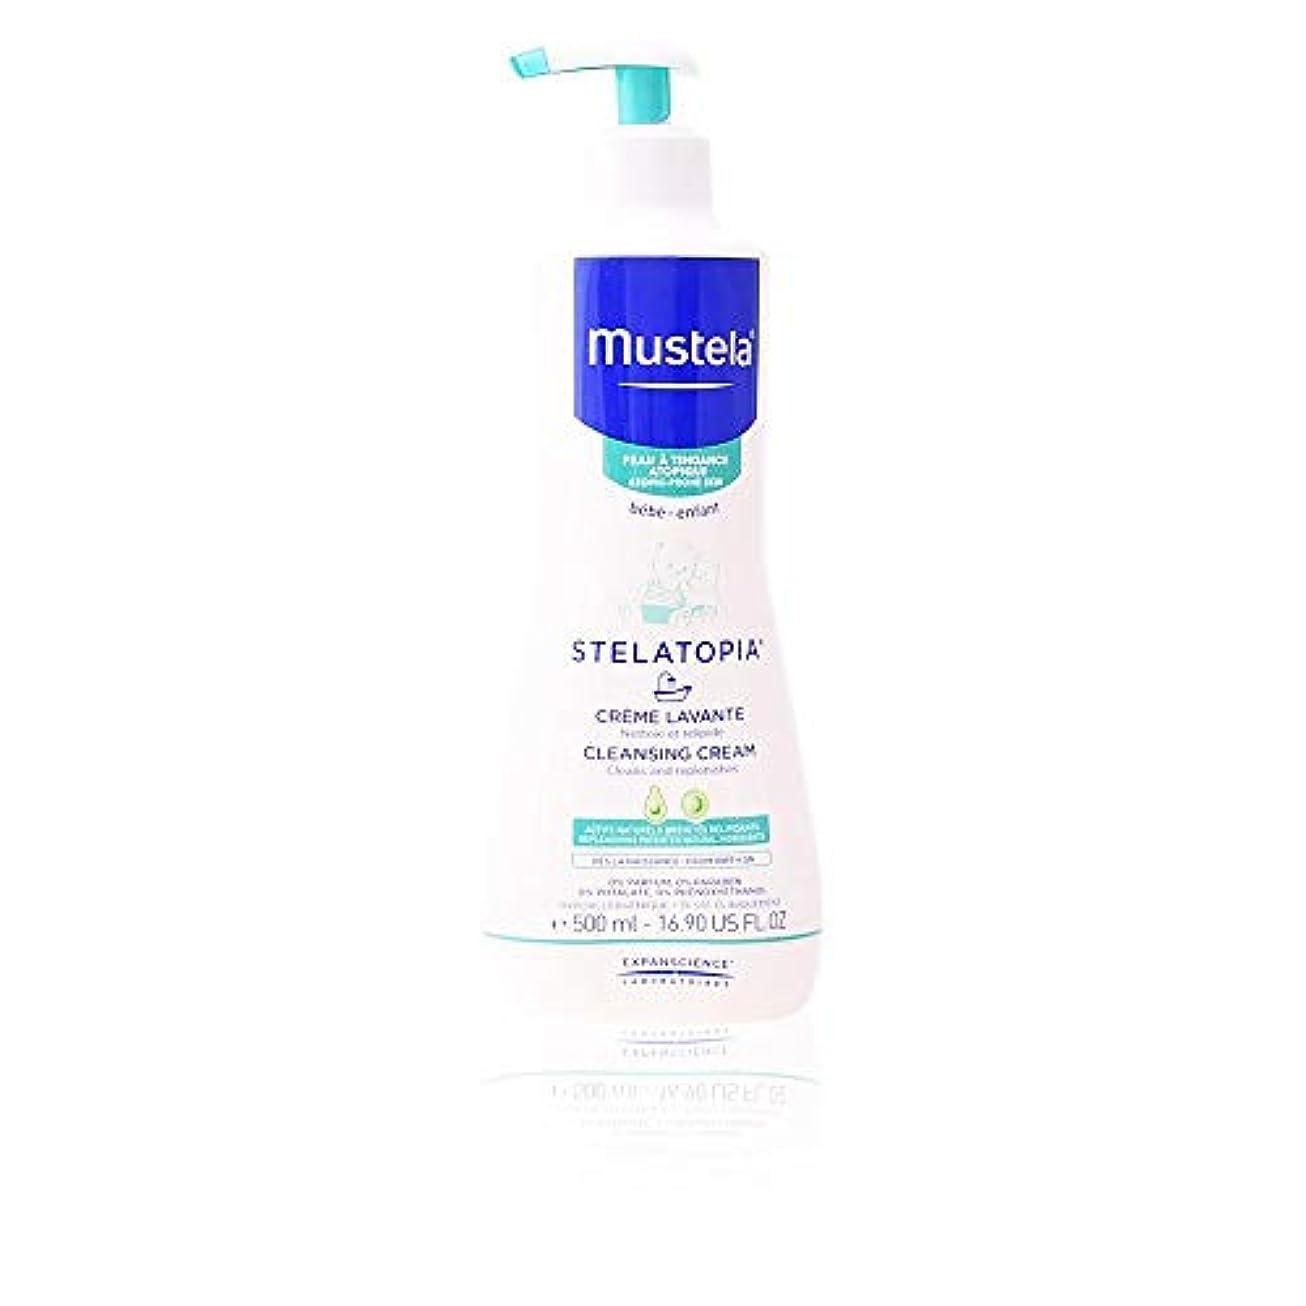 極端な処理専門ムステラ Stelatopia Cleansing Cream - For Atopic-Prone Skin 500ml/16.9oz並行輸入品